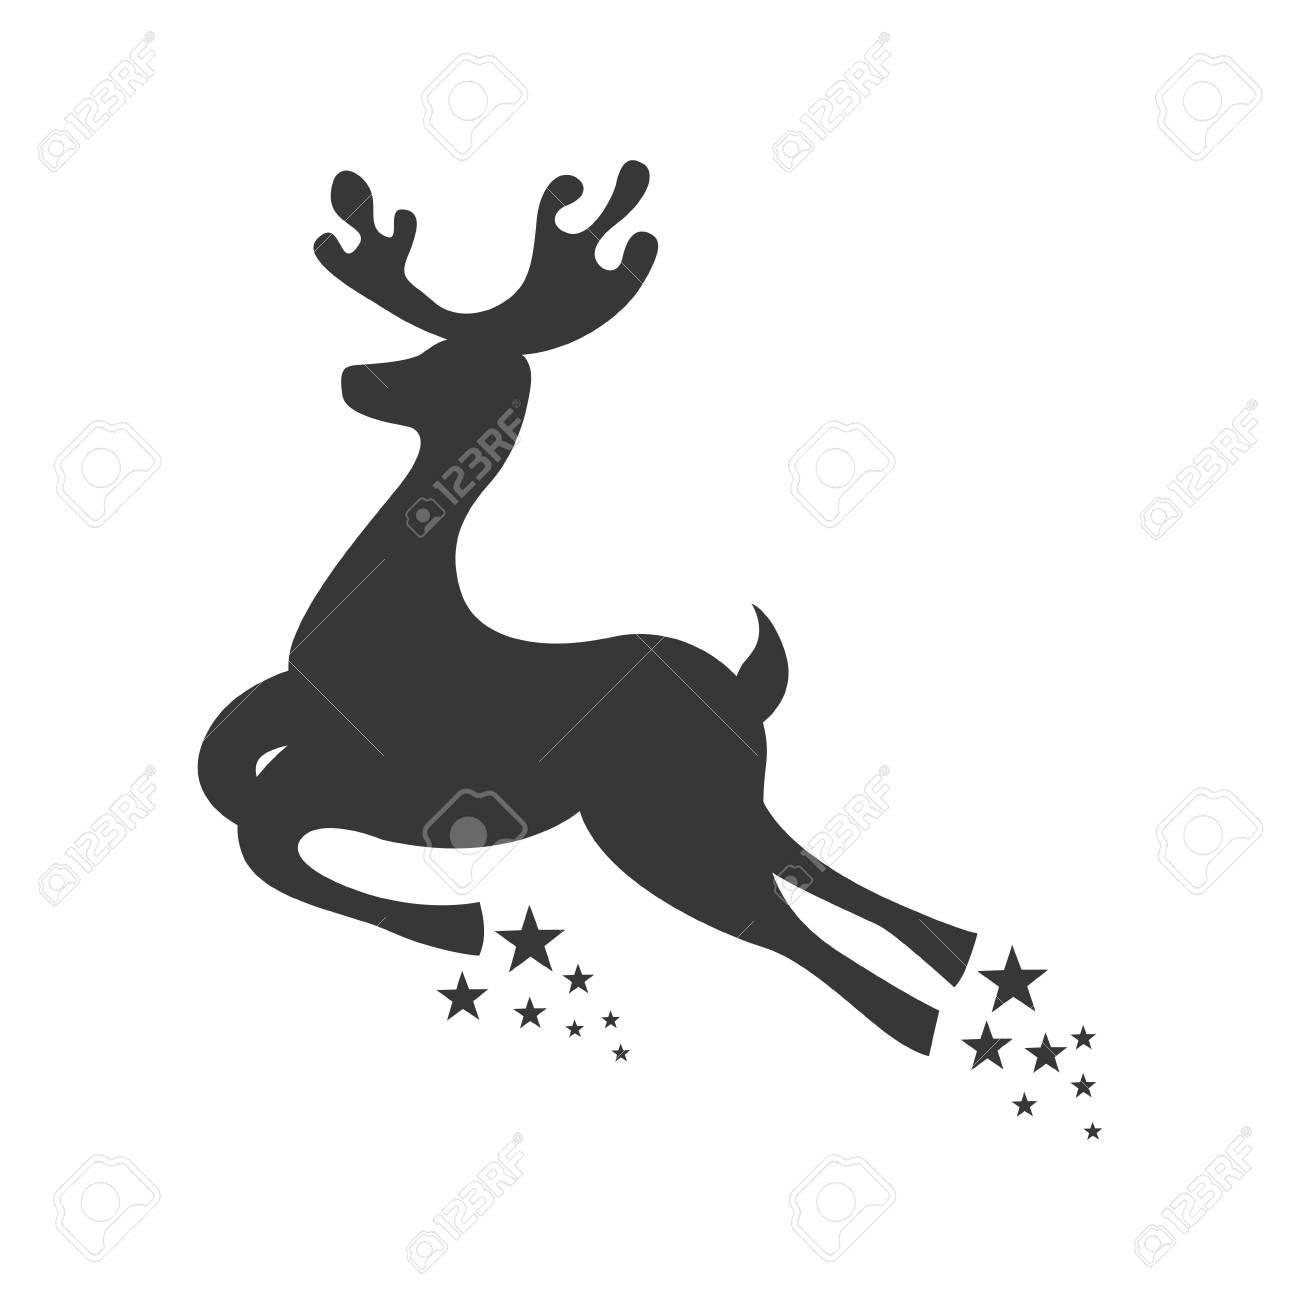 Renos Ciervo Navidad Icono Volando Ilustracion Vectorial De Diseno - Ciervo-navidad